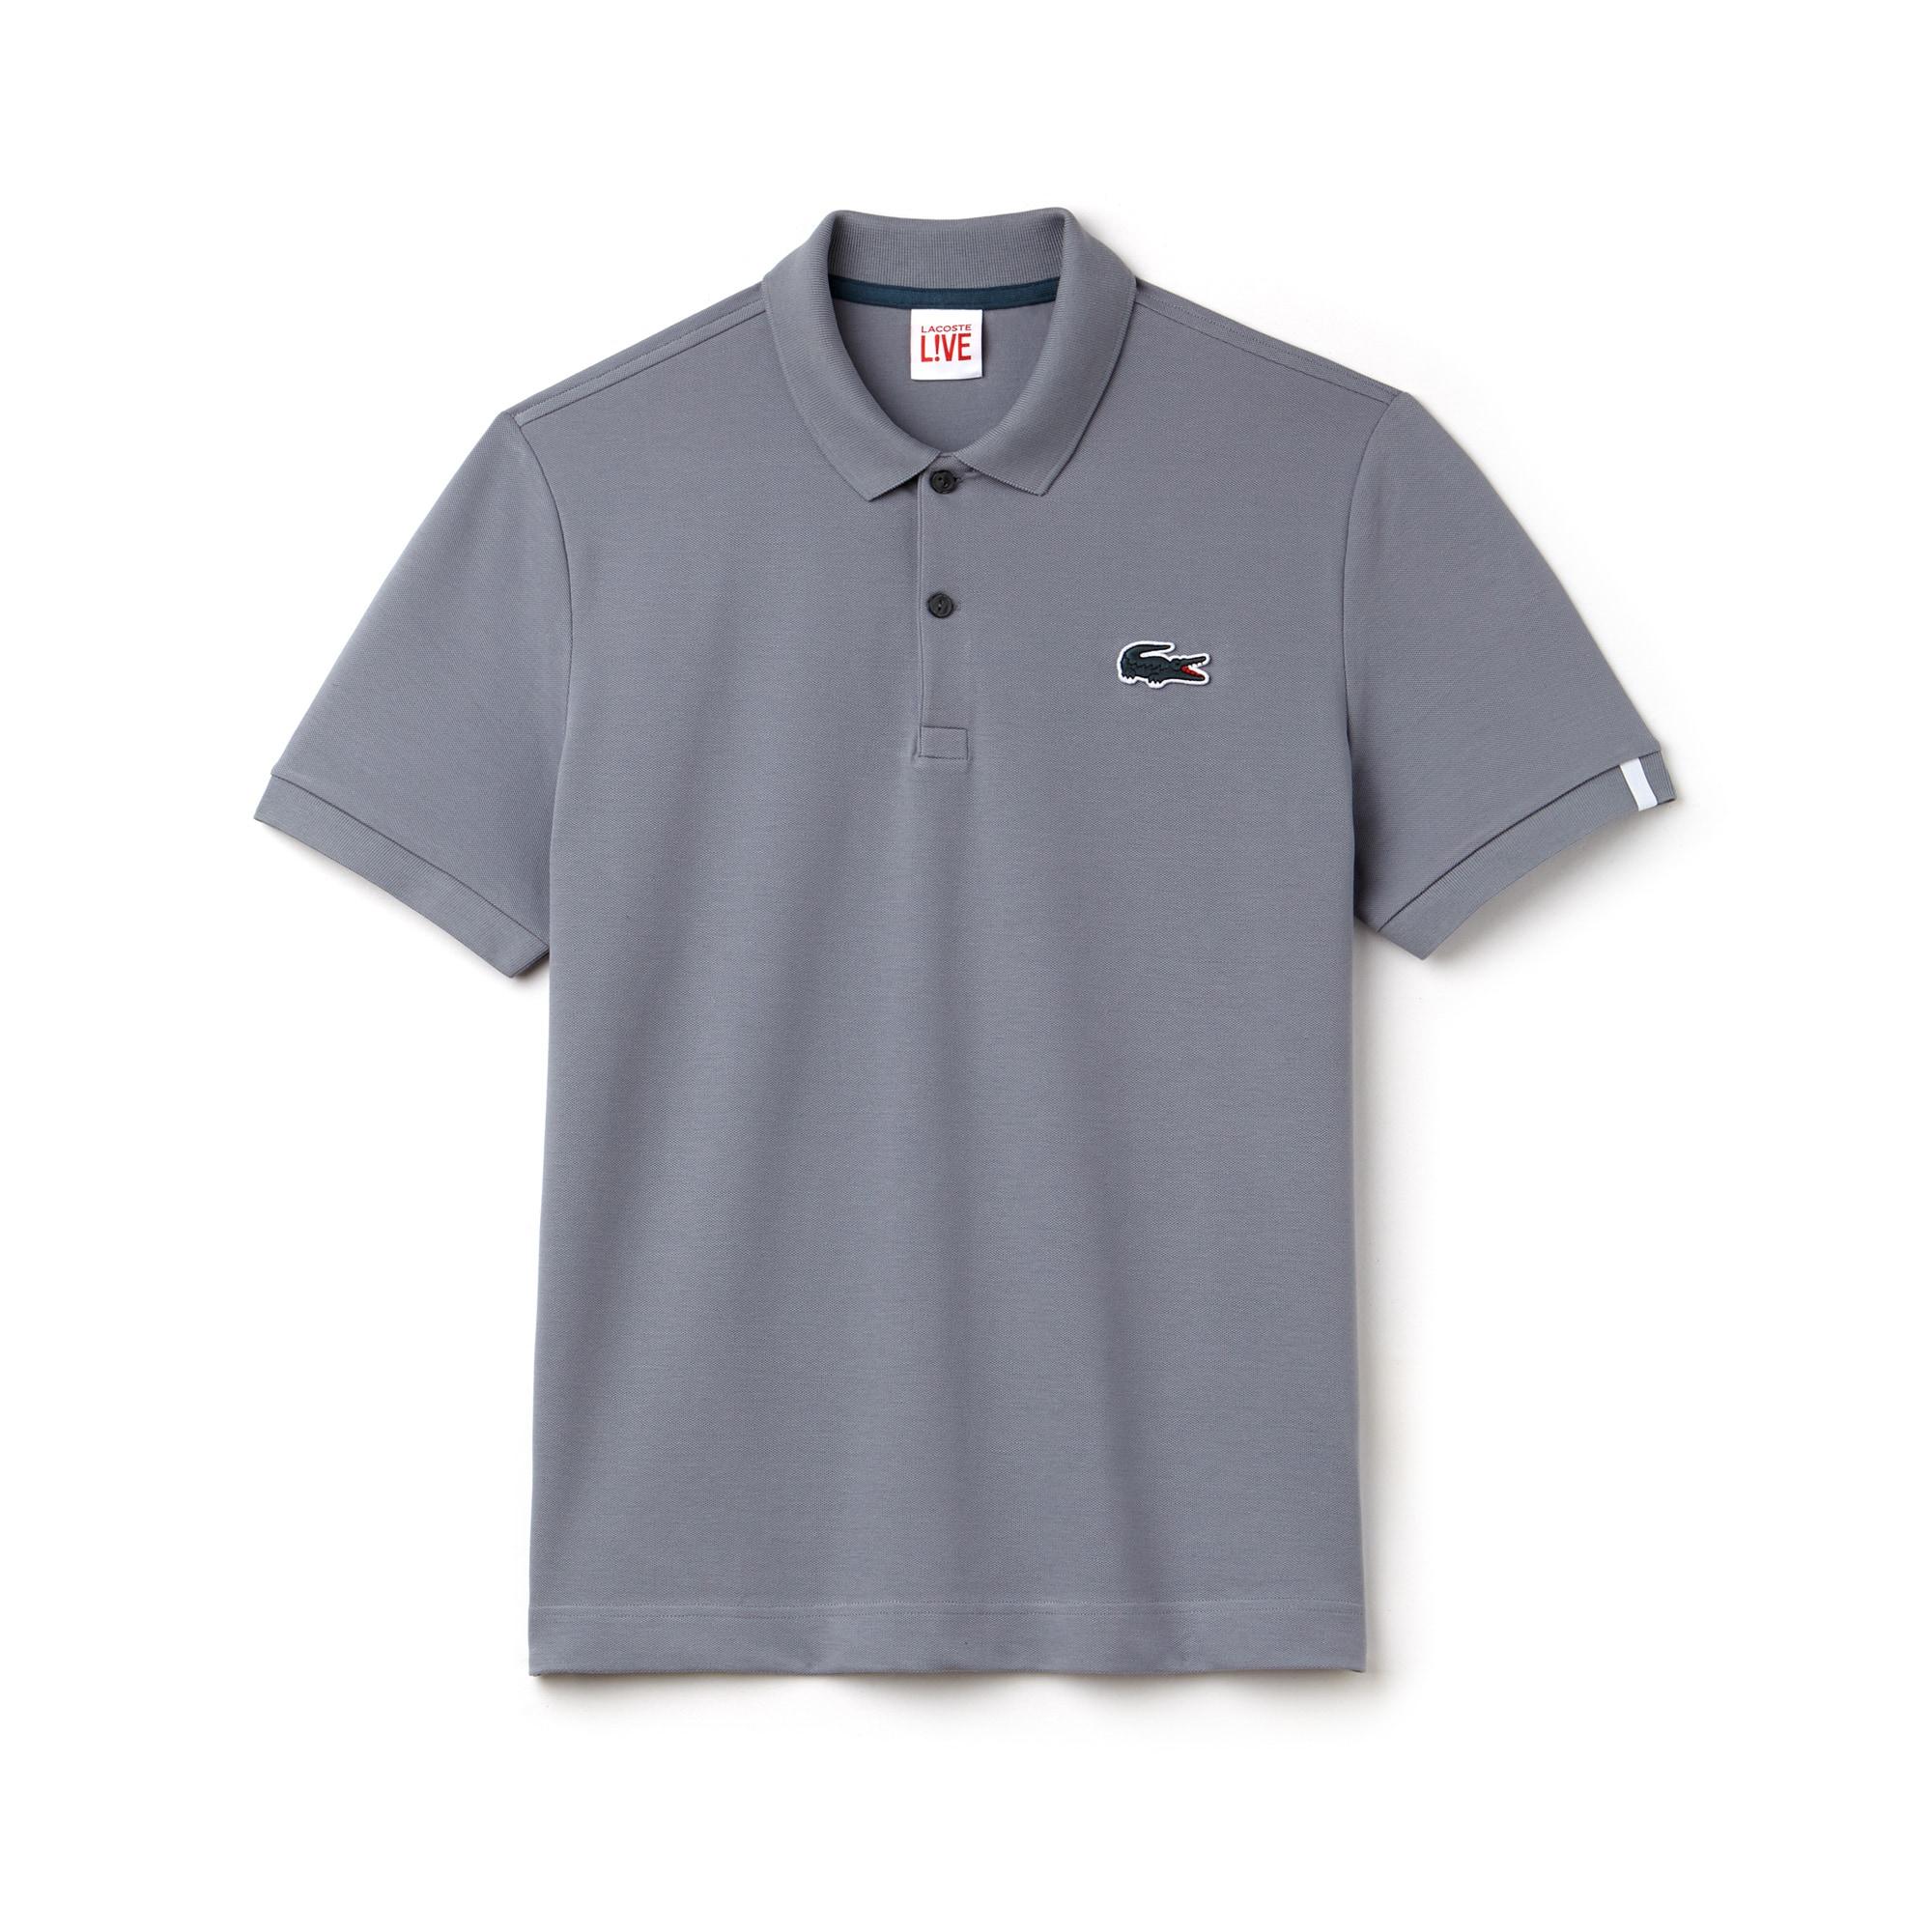 28c803b45e ... Camisa Polo Lacoste LIVE Slim Fit Masculina em Minipiqué Stretch